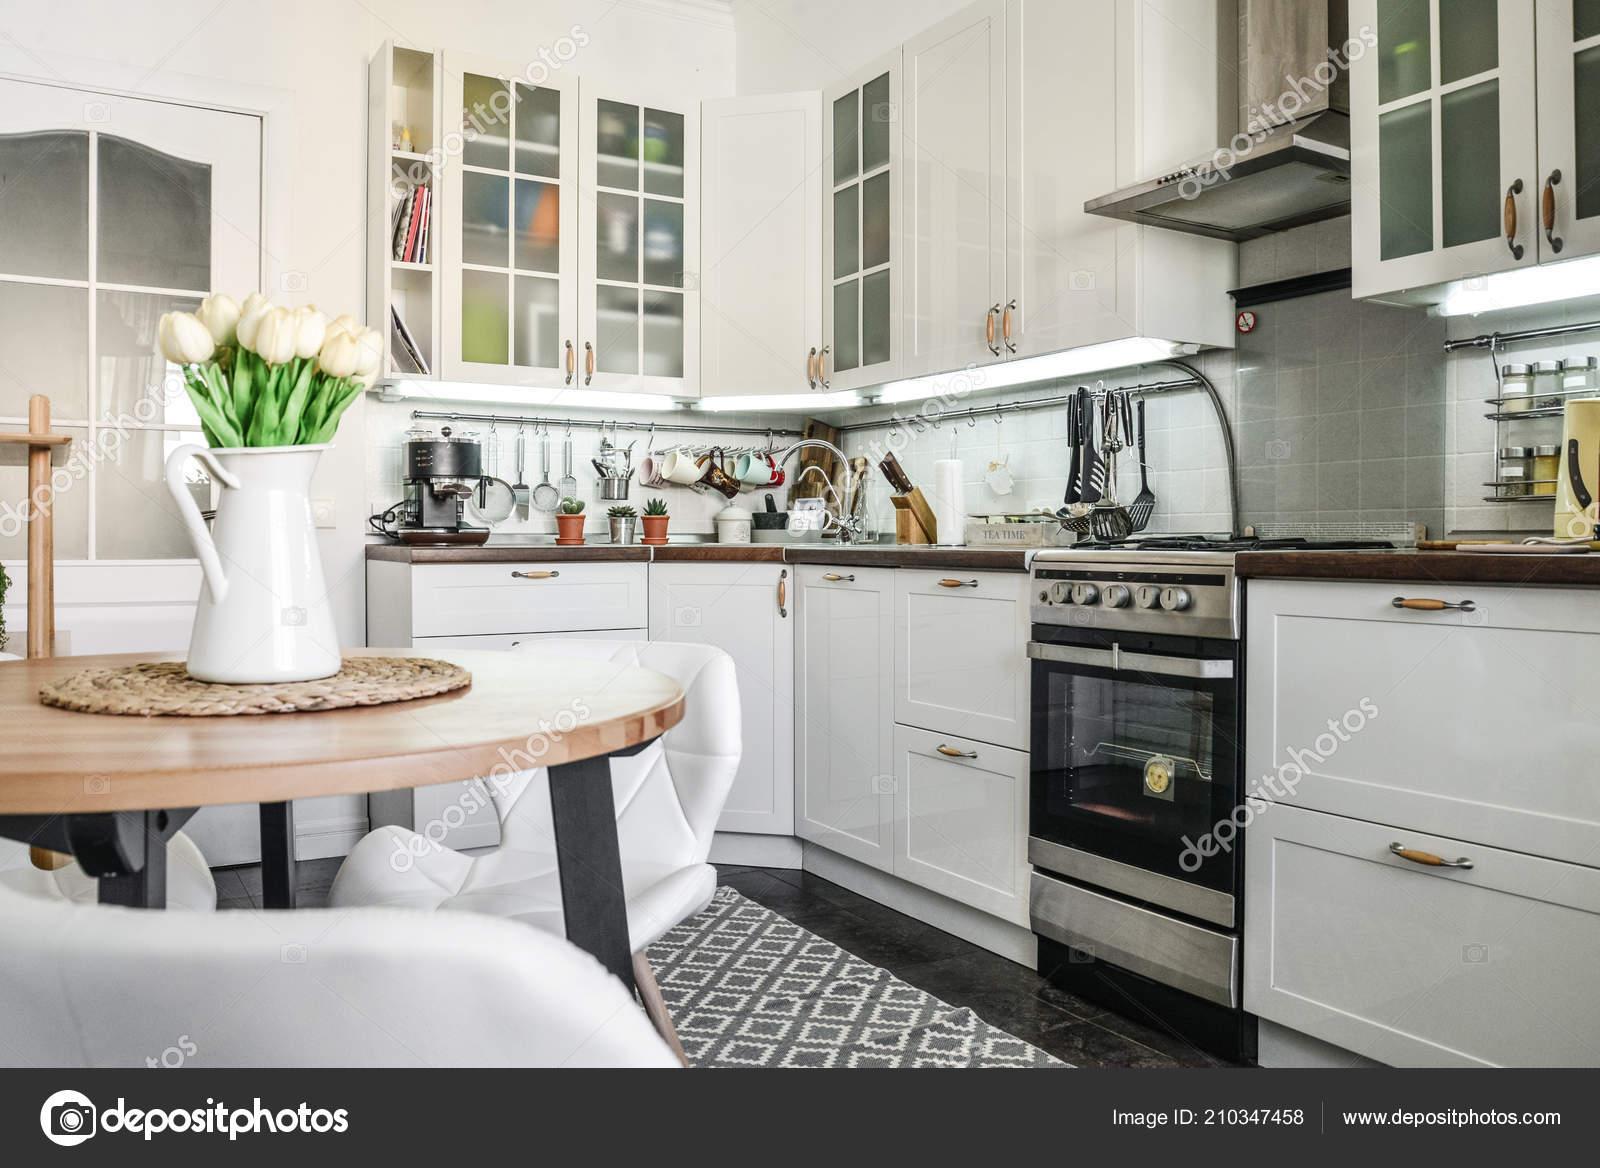 Küchen skandinavischen stil  Innere Der Küche Skandinavischen Stil Mit Weißen Möbeln Und Einem ...